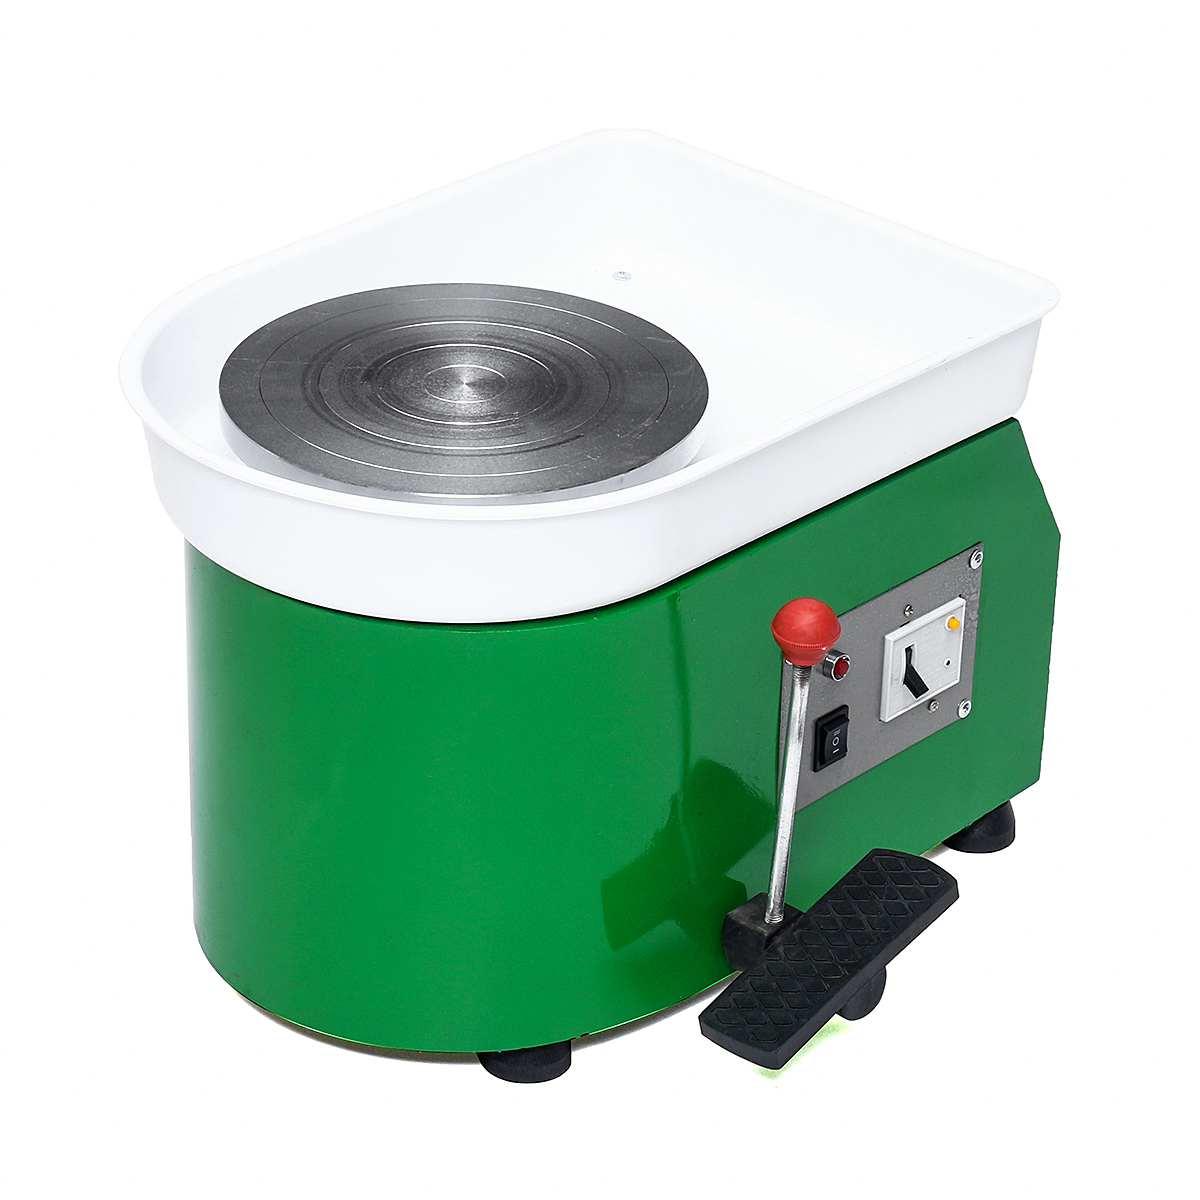 220 V 250 W 250mm tournant la roue de poterie électrique en céramique Machine en céramique argile potier Kit pour céramique de travail en céramique - 3